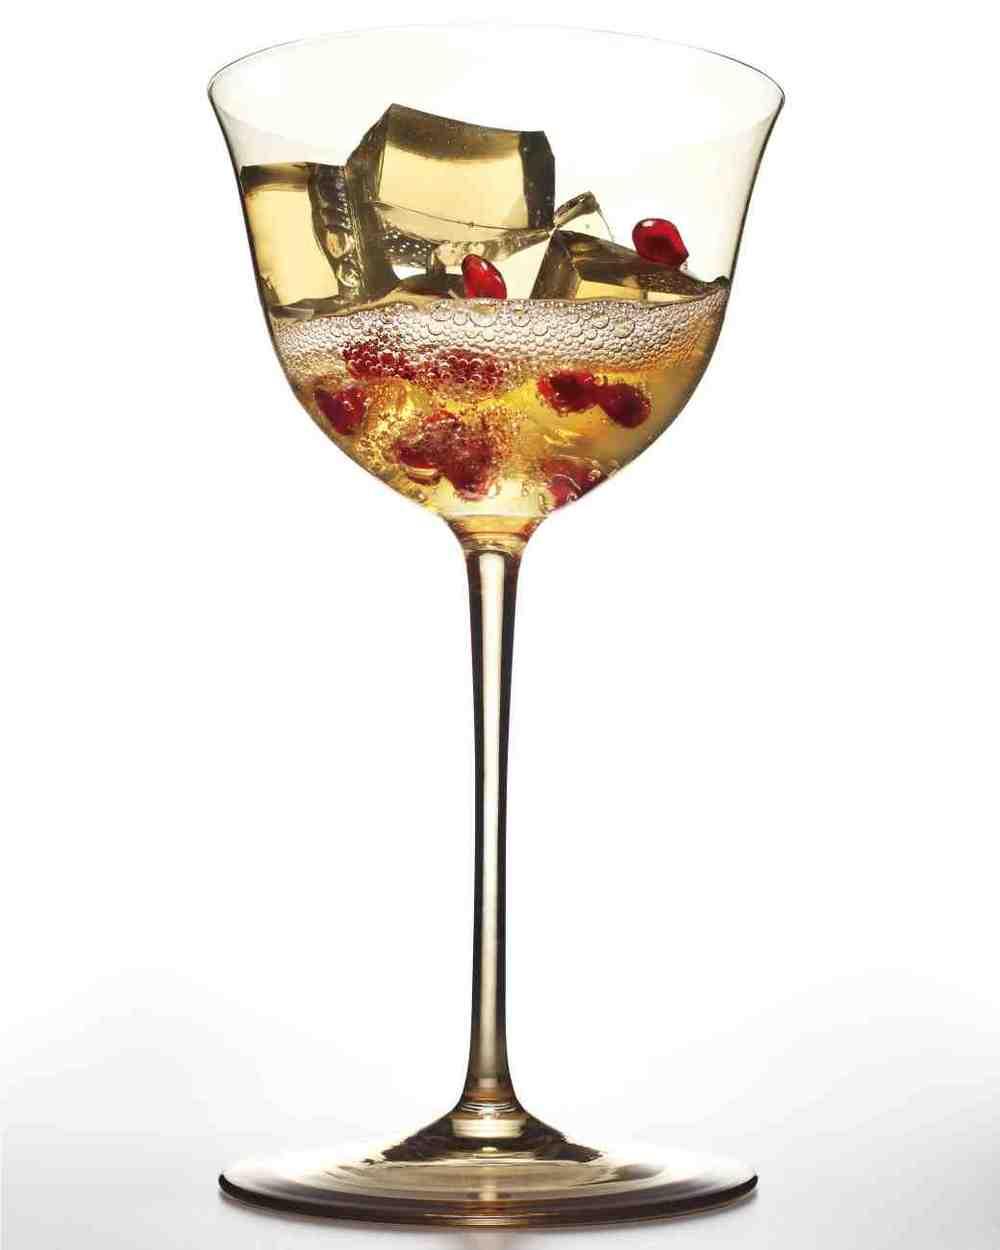 champagnegeleecocktail.jpg